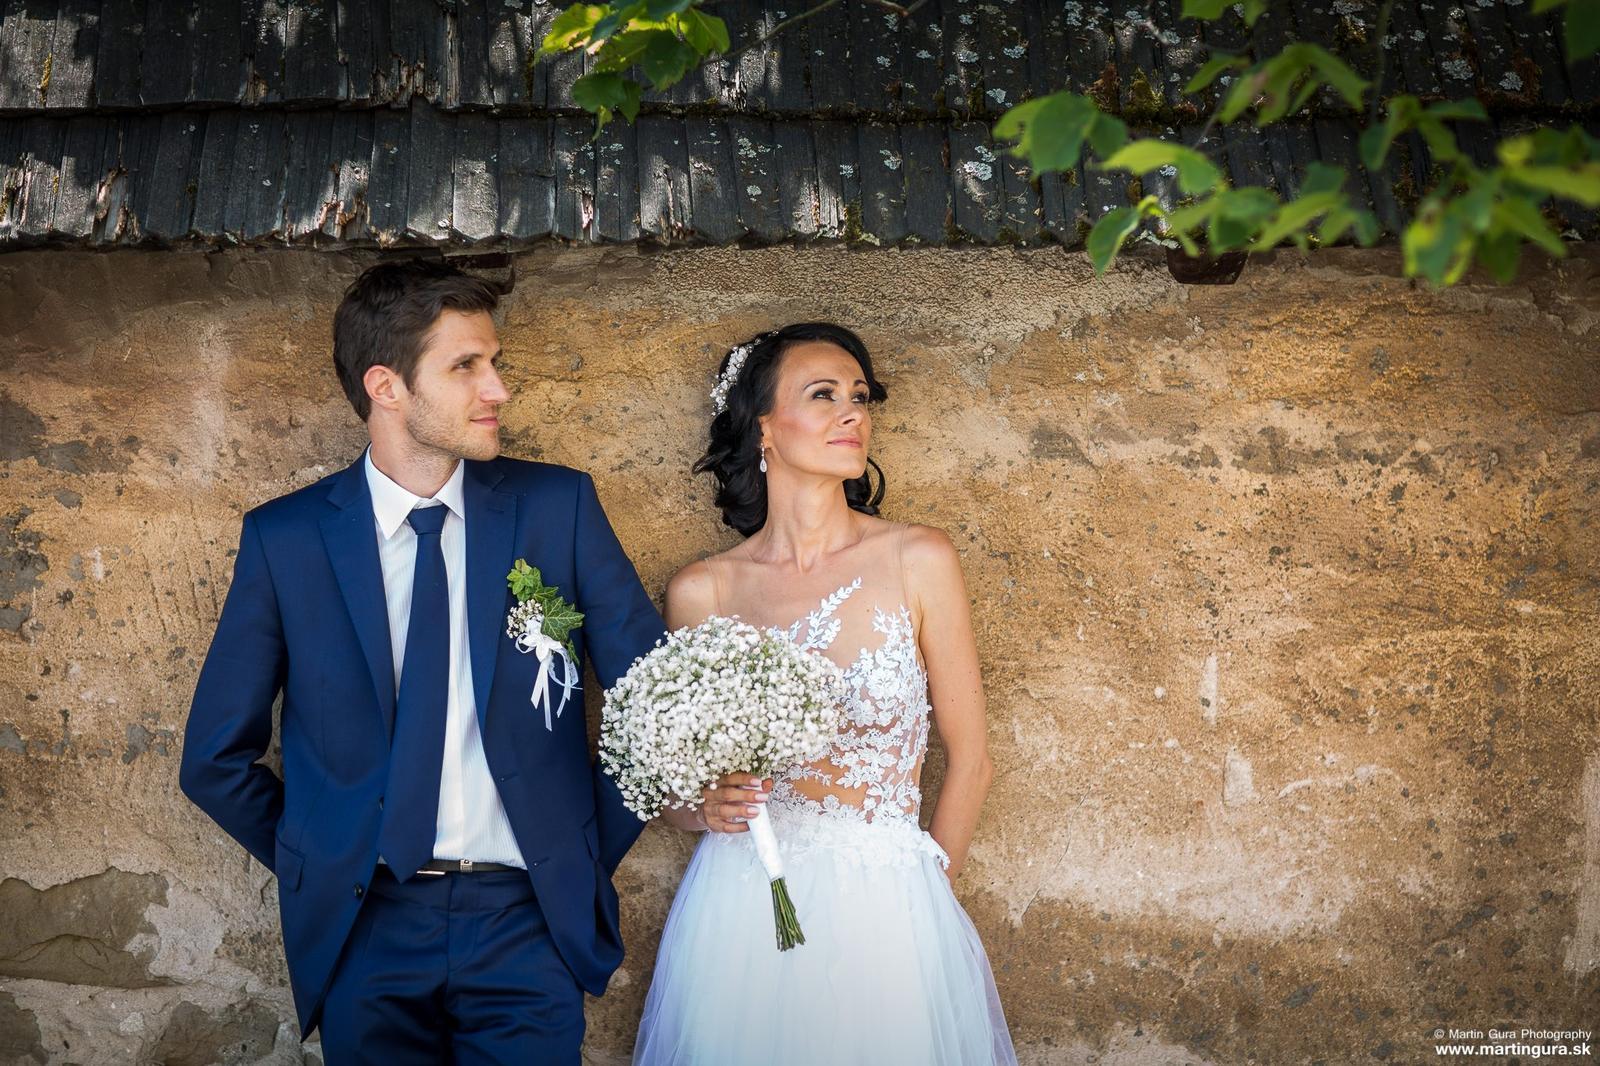 Svadba Laurynas a Marcela - Obrázok č. 4